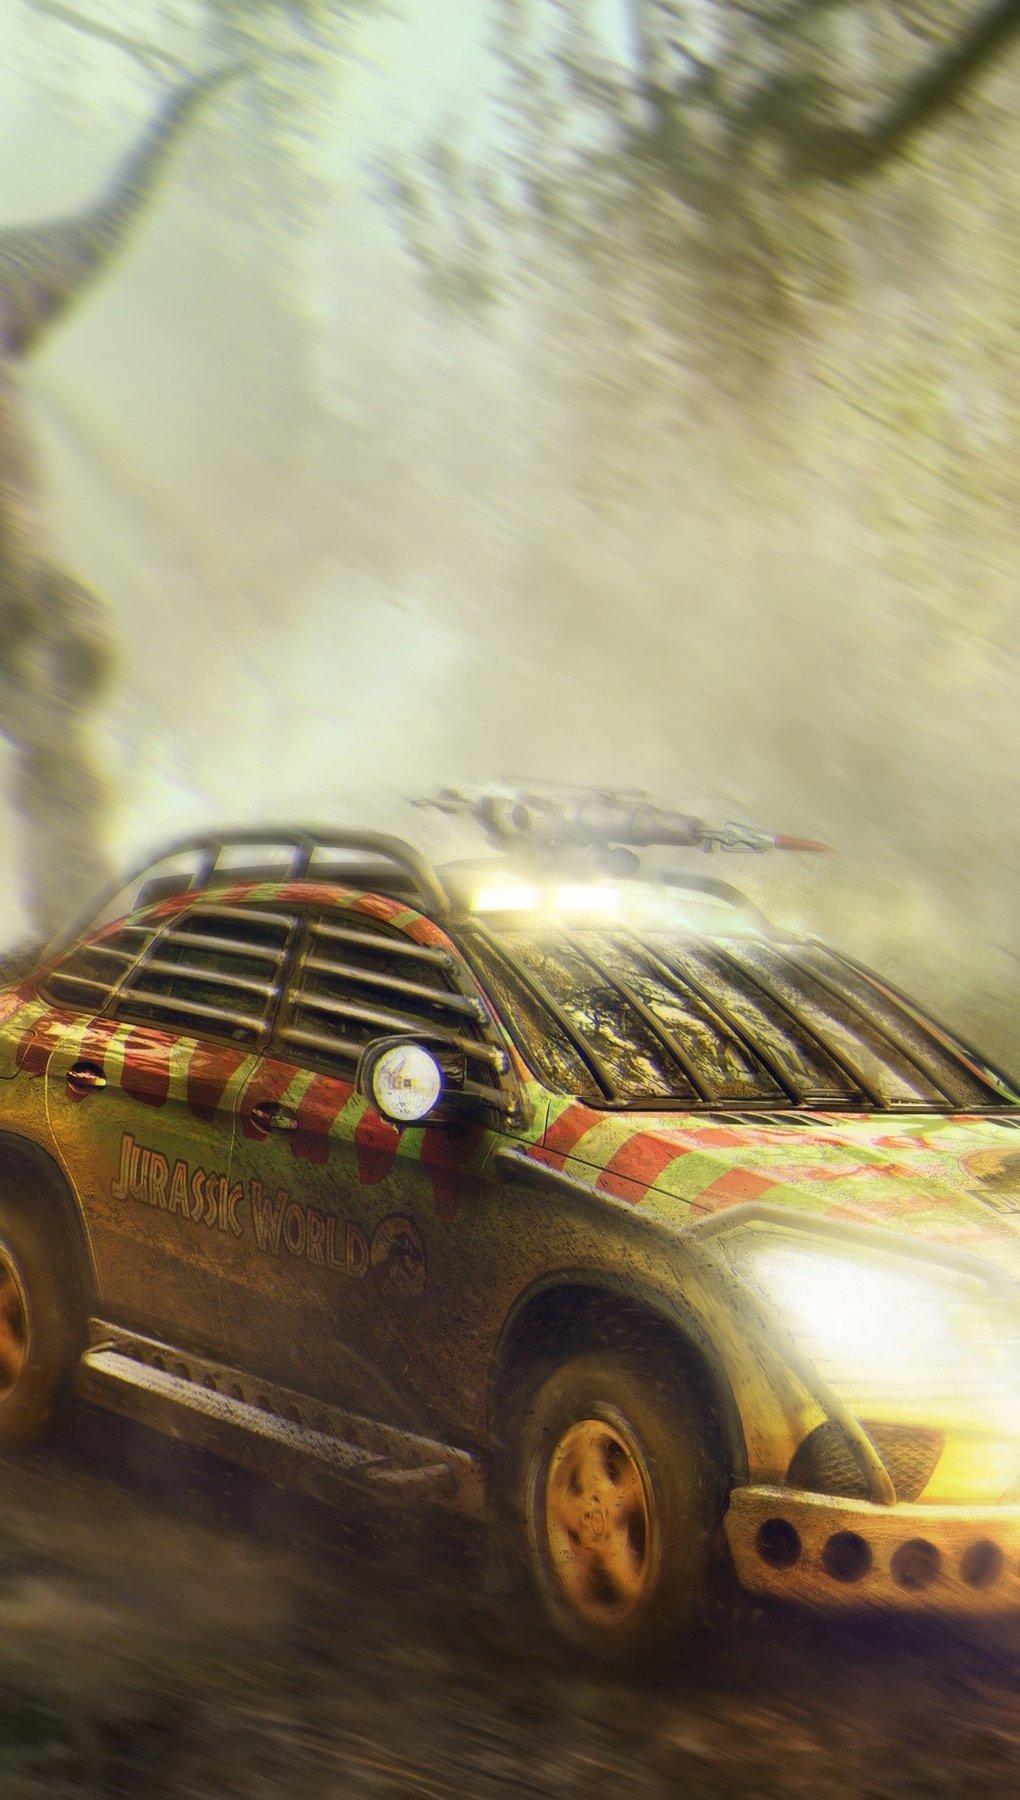 Fondos de pantalla Mercedes Benz GLE coupe de Jurassic World Vertical